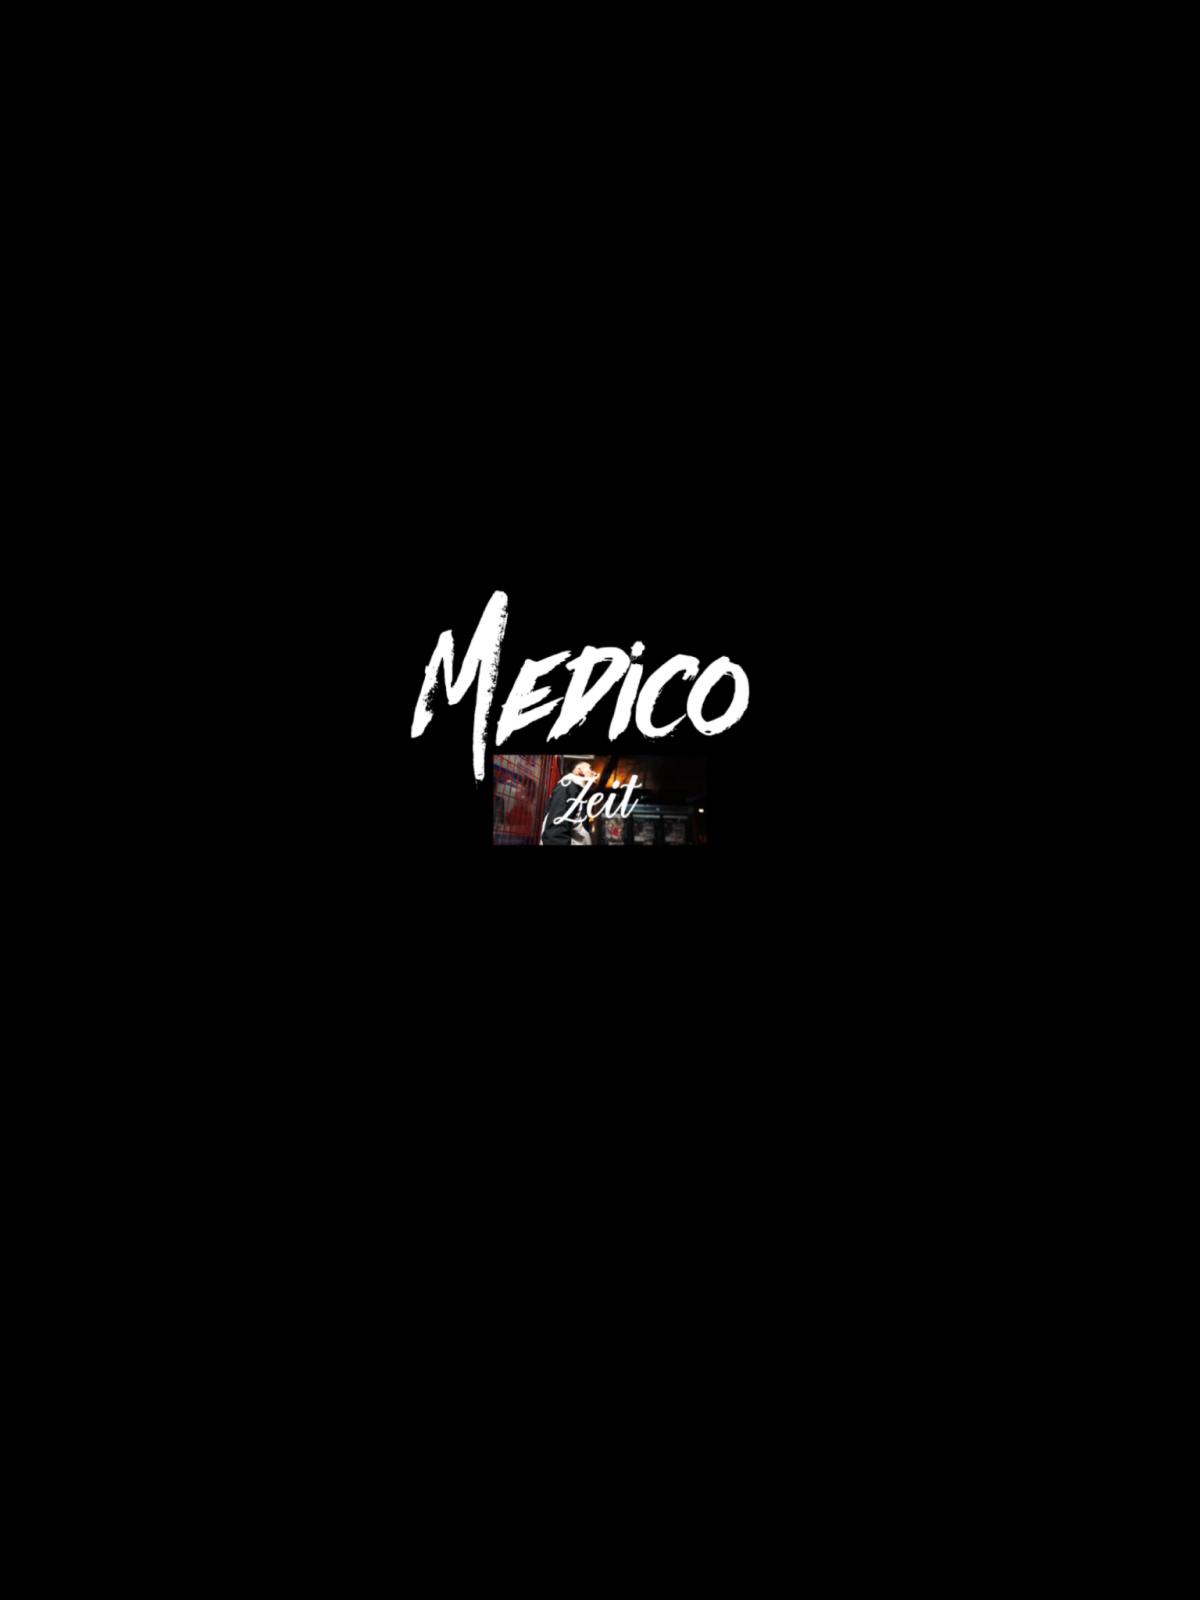 Upcoming: Medico - Zeit (Musik Video)